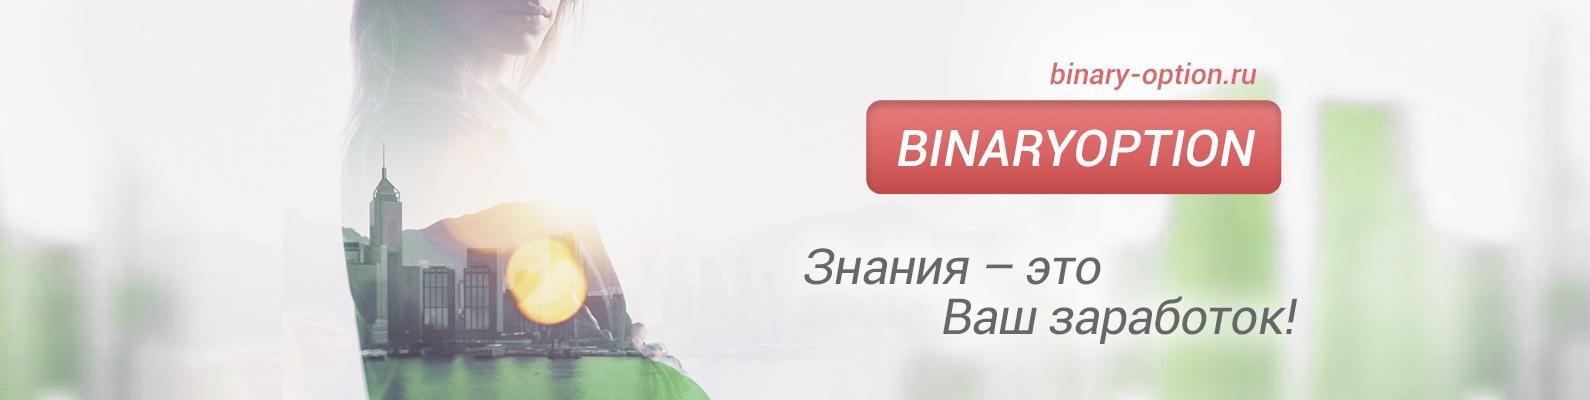 Binary options full ru